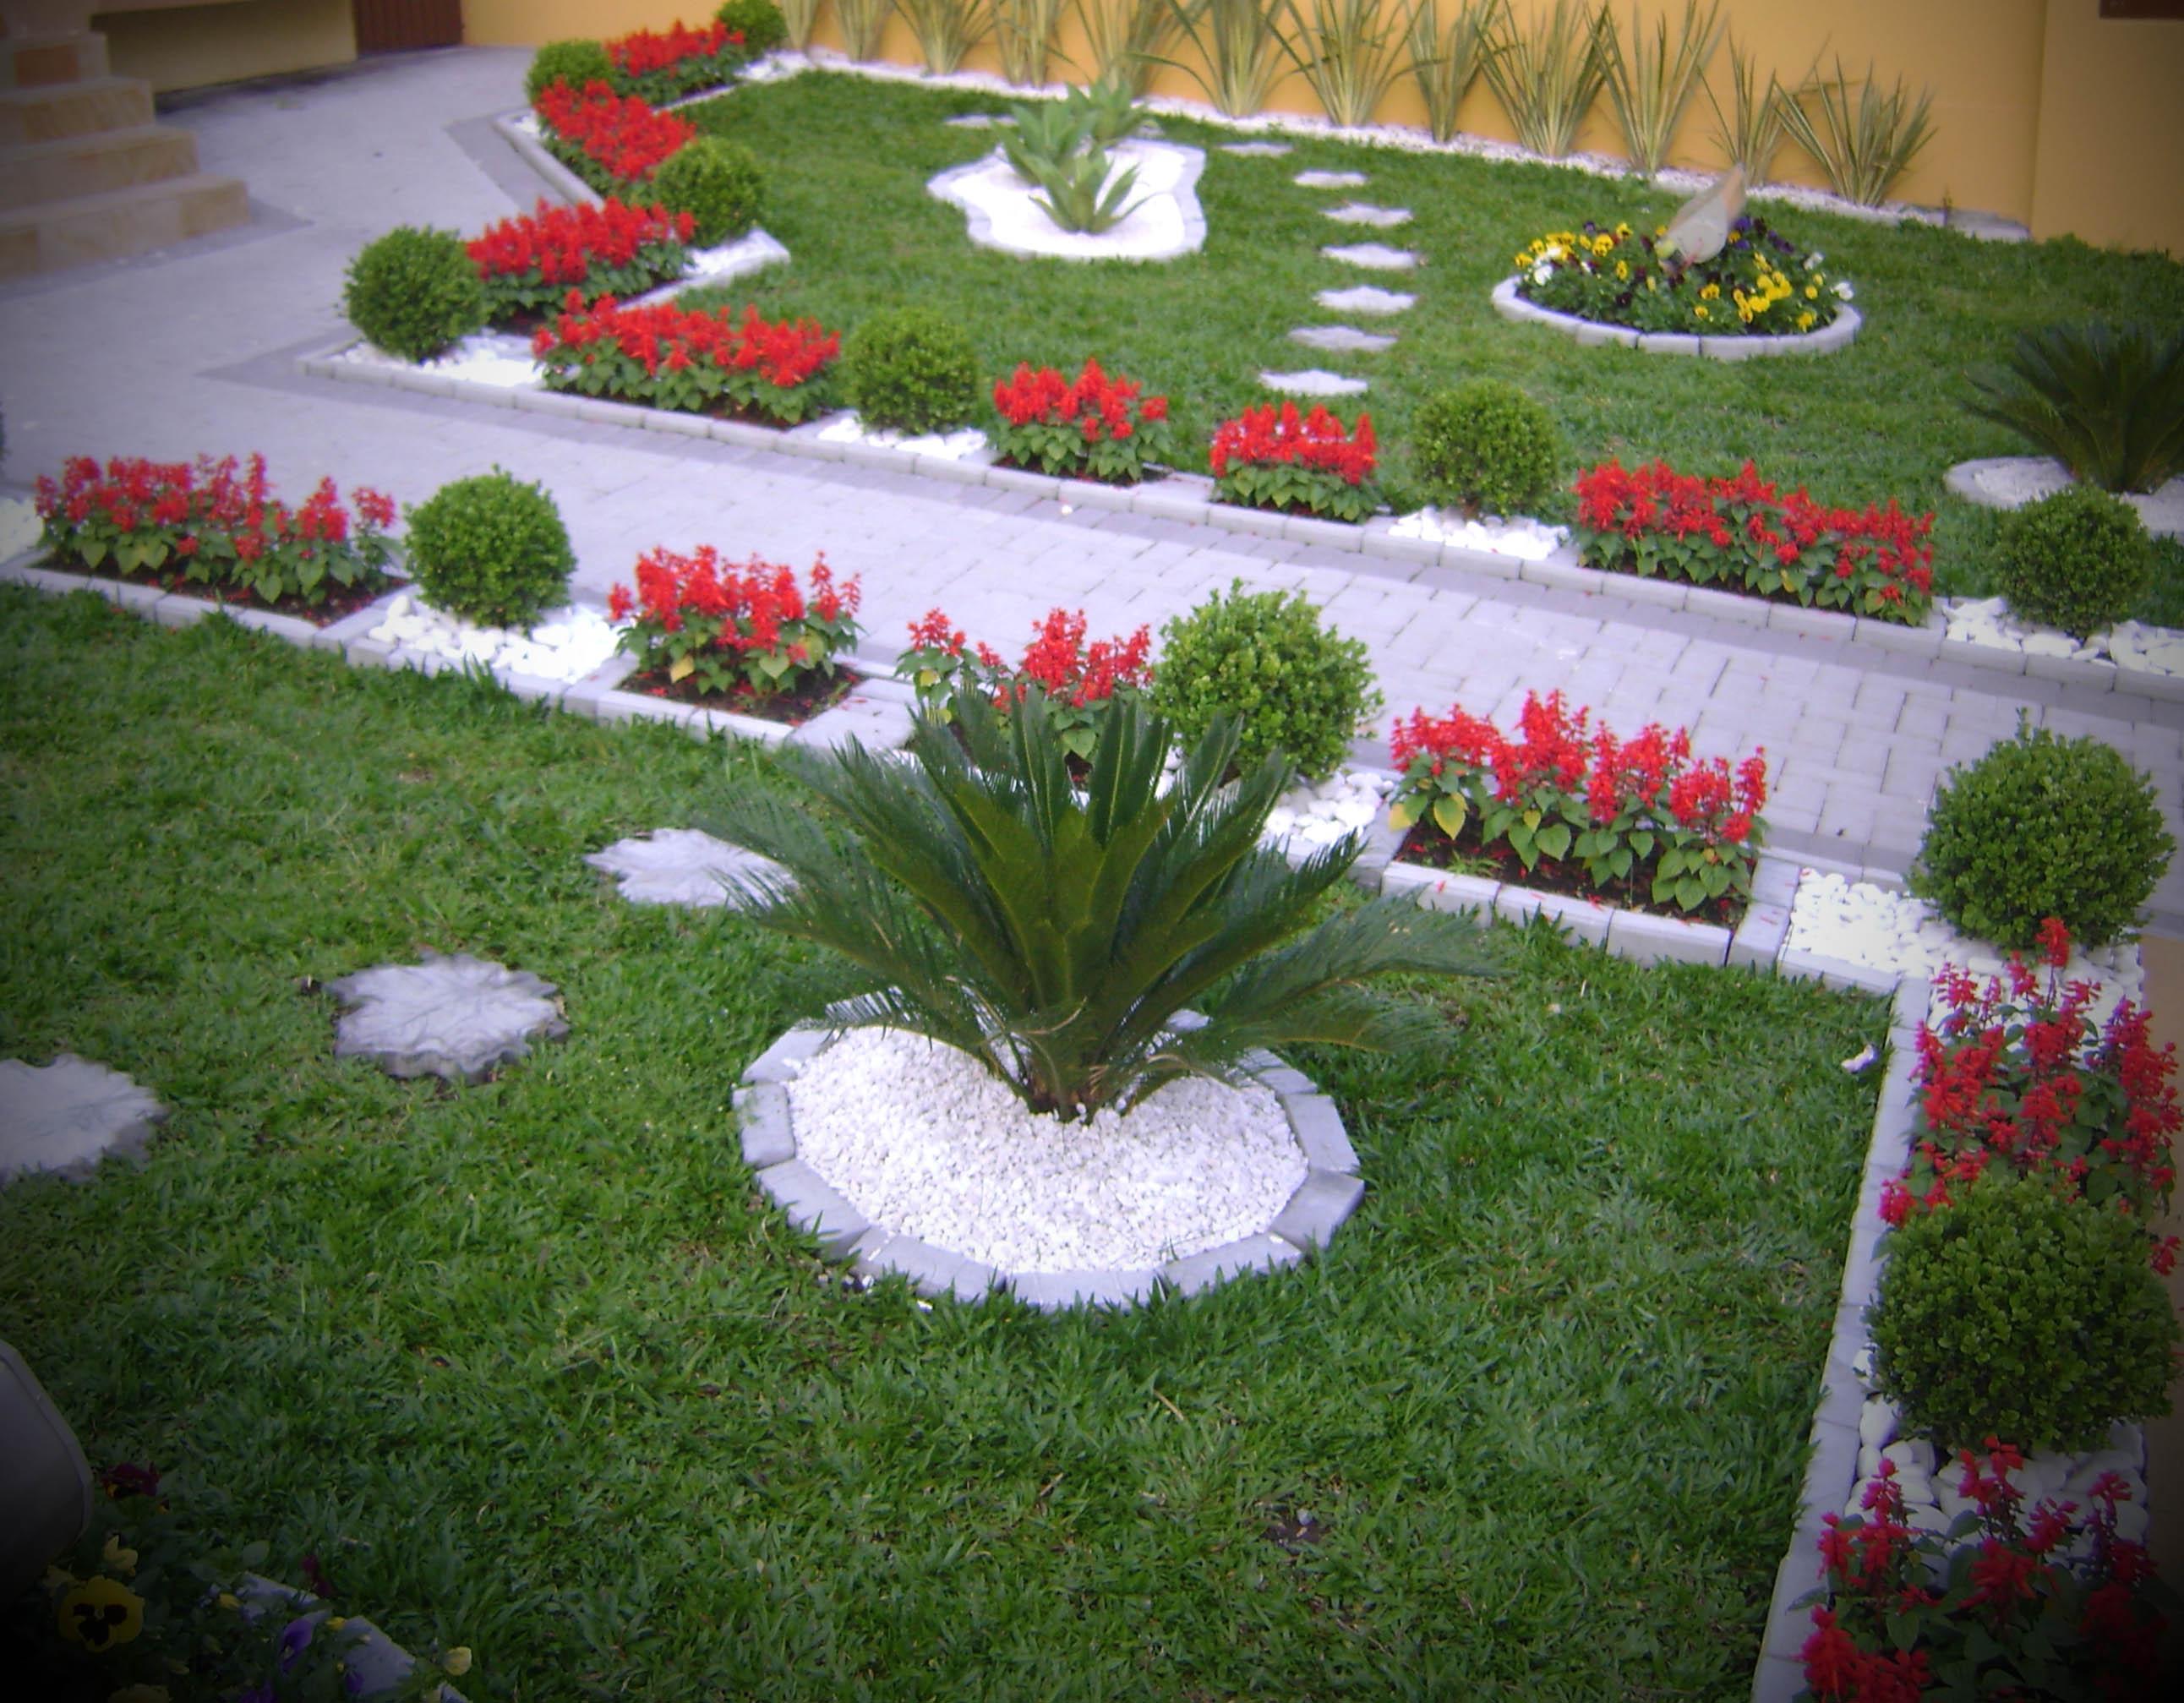 Imagens de jardins decorados for Ver jardines decorados